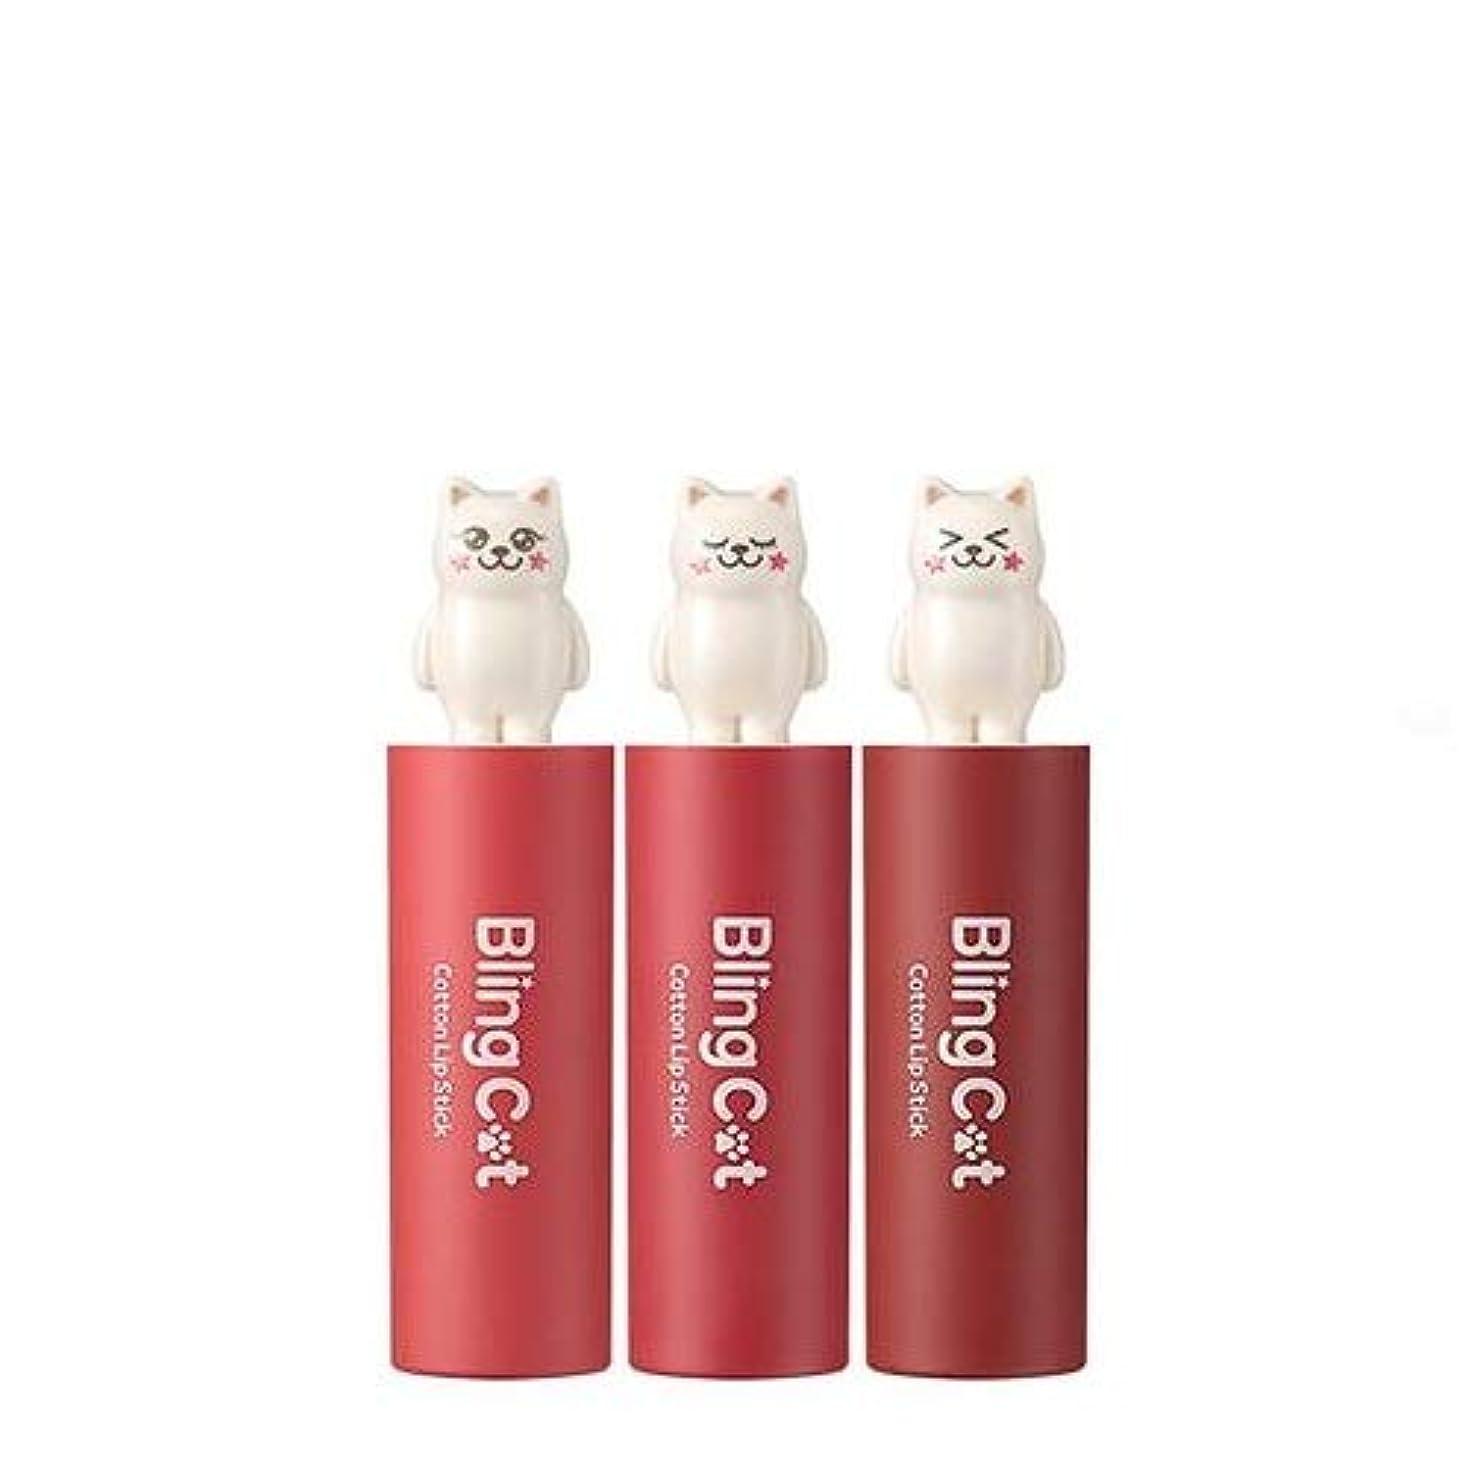 用心深い必要ゴールデントニーモリー ブリングキャット コットン リップスティック 3.4g / TONYMOLY Bling Cat Cotton Lipstick # 03. Stay Darling [並行輸入品]